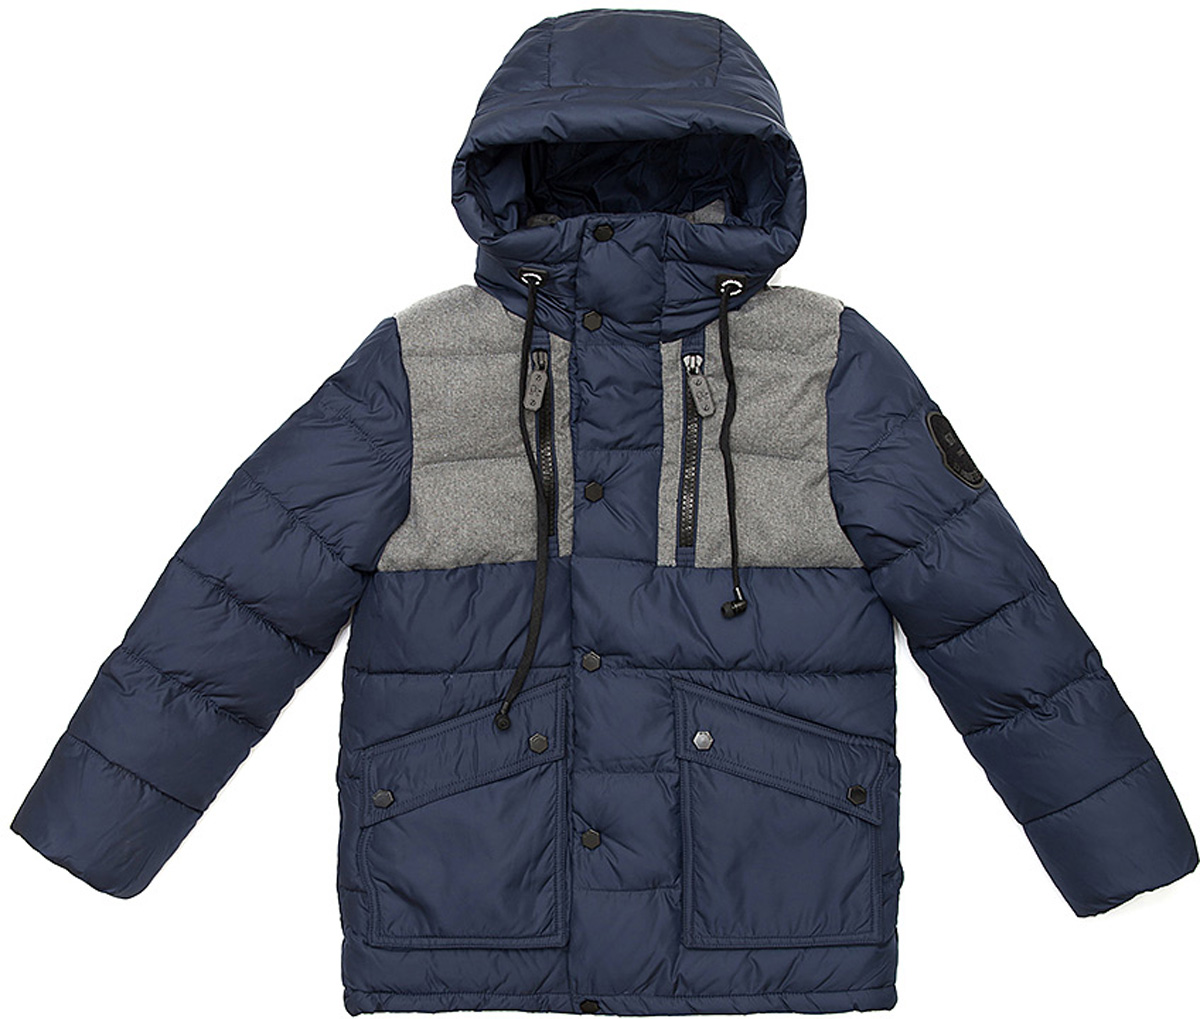 Куртка для мальчика Vitacci, цвет: синий. 1171481-04. Размер 1301171481-04Удлиненная куртка для мальчика Vitacci, изготовленная из полиэстера, станет стильнымдополнением к детскому гардеробу.Подкладка выполнена из полиэстера и дополнительно утеплена флисом по спинке. В качестве наполнителя используется биопух.Куртка со съемным капюшоном и воротником-стойкой застегивается на пластиковую застежку-молнию и дополнительно имеет внешнюю ветрозащитную планку на кнопках. Температурный режим от -10°С до -25°С.Теплая, удобная и практичная куртка идеально подойдет юному моднику для прогулок!